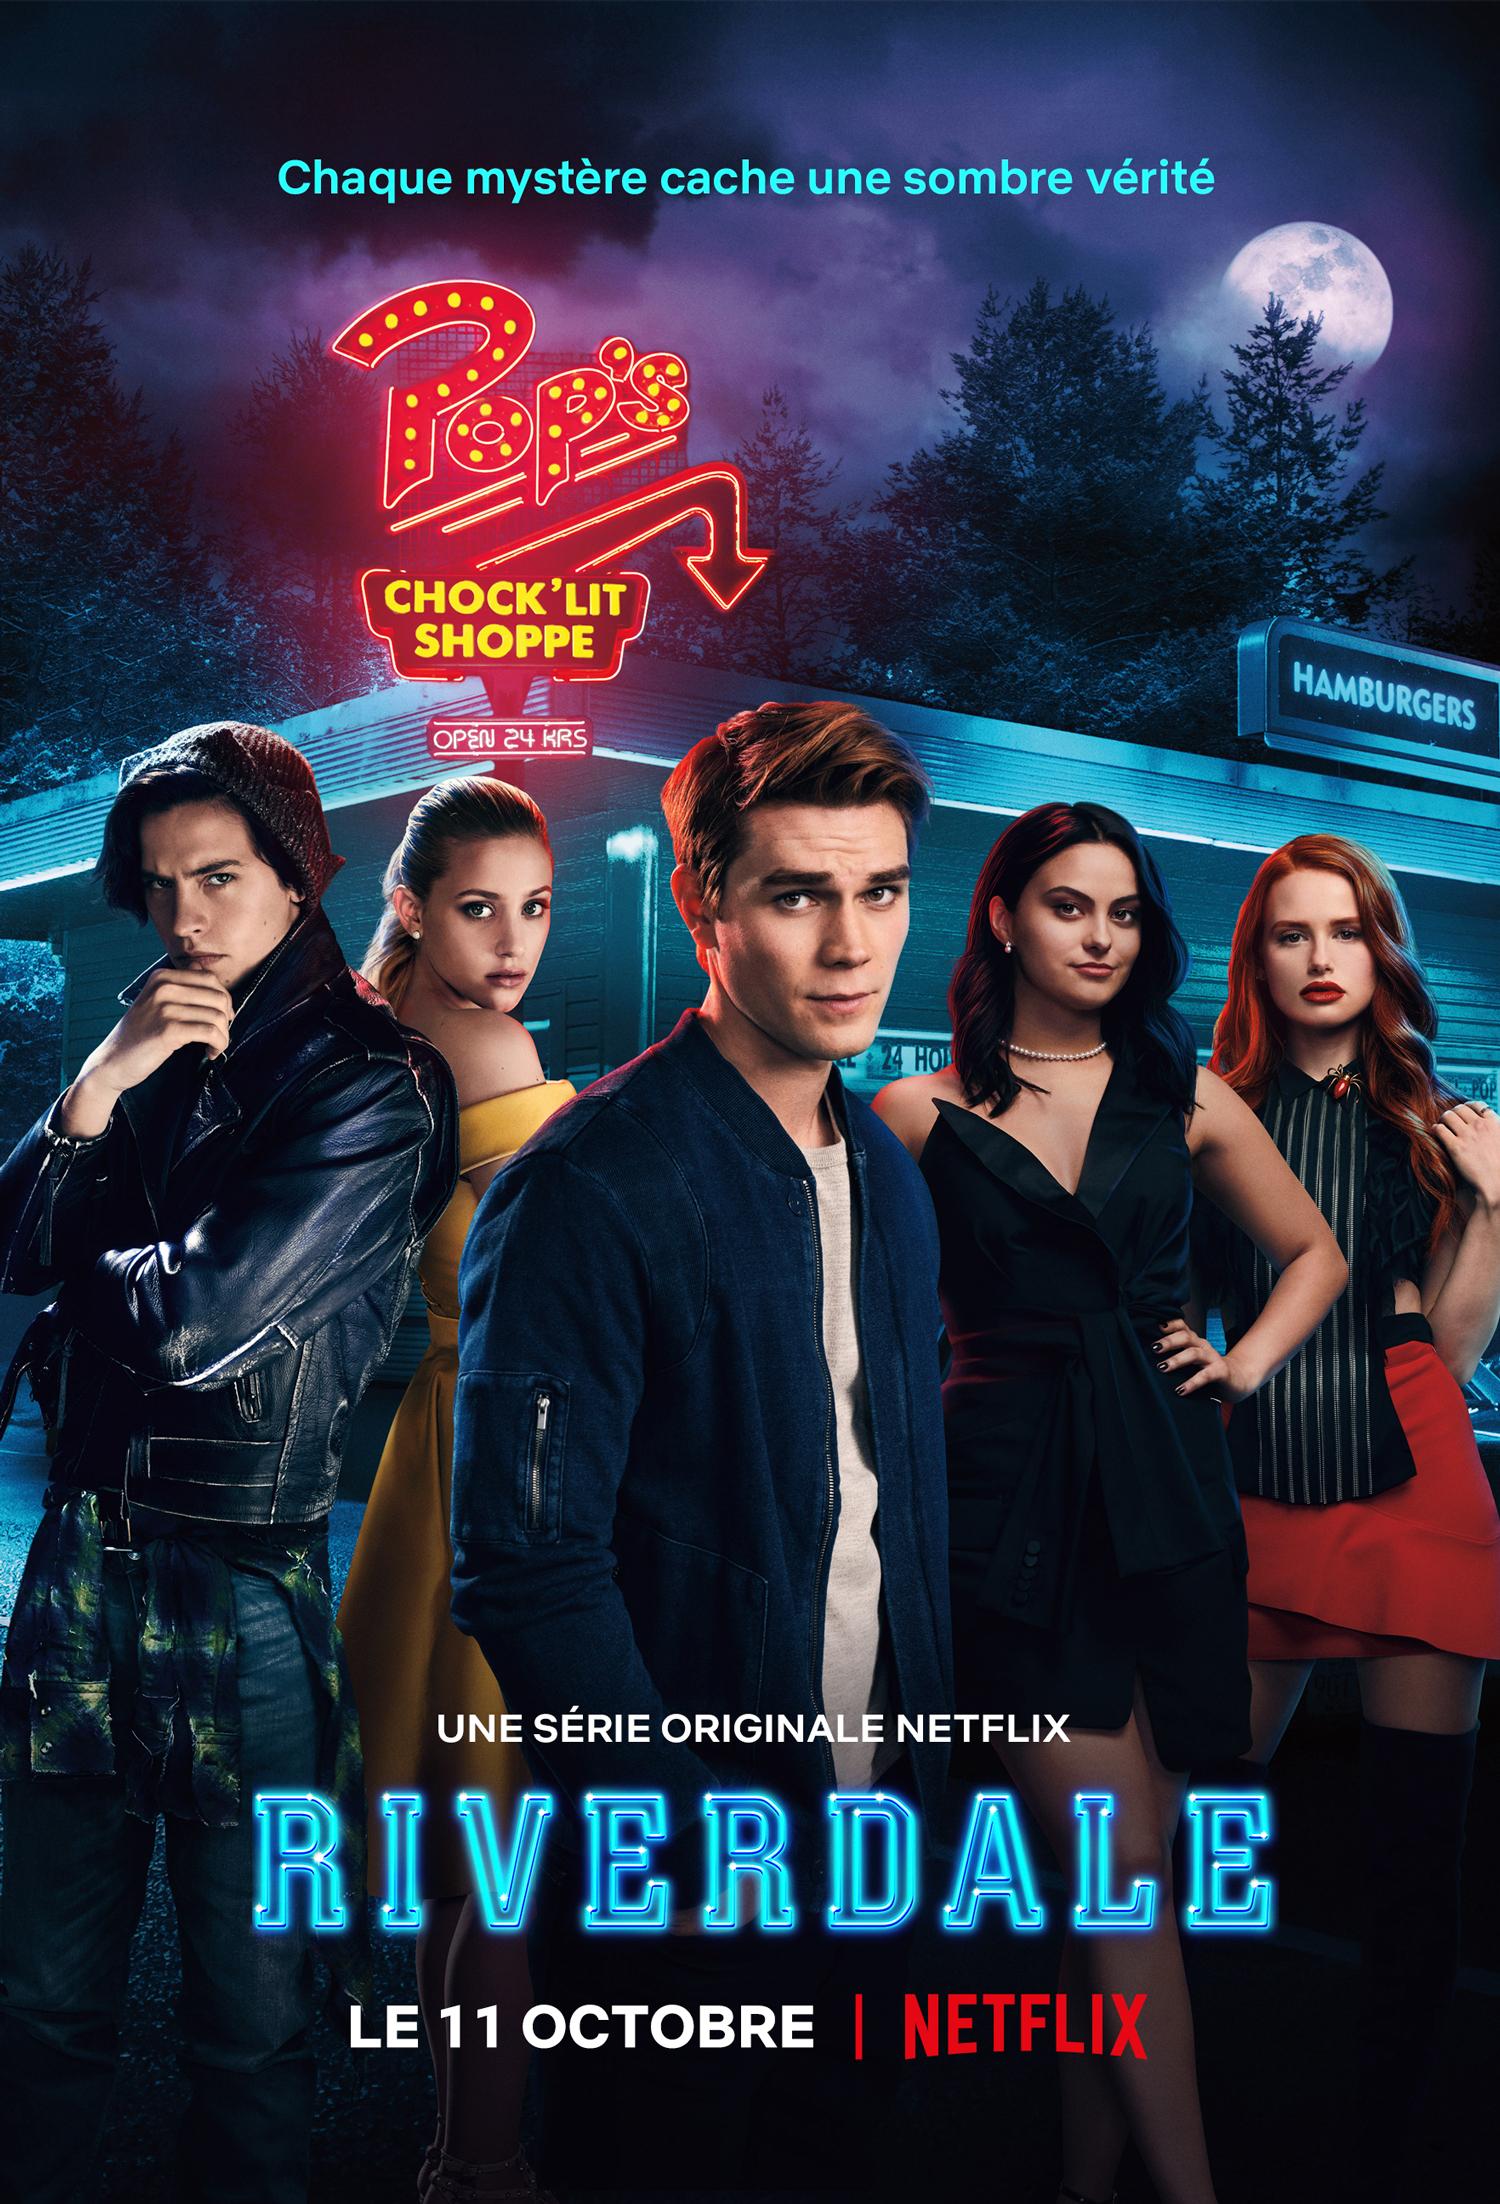 Riverdale - Affiche de la troisième saison